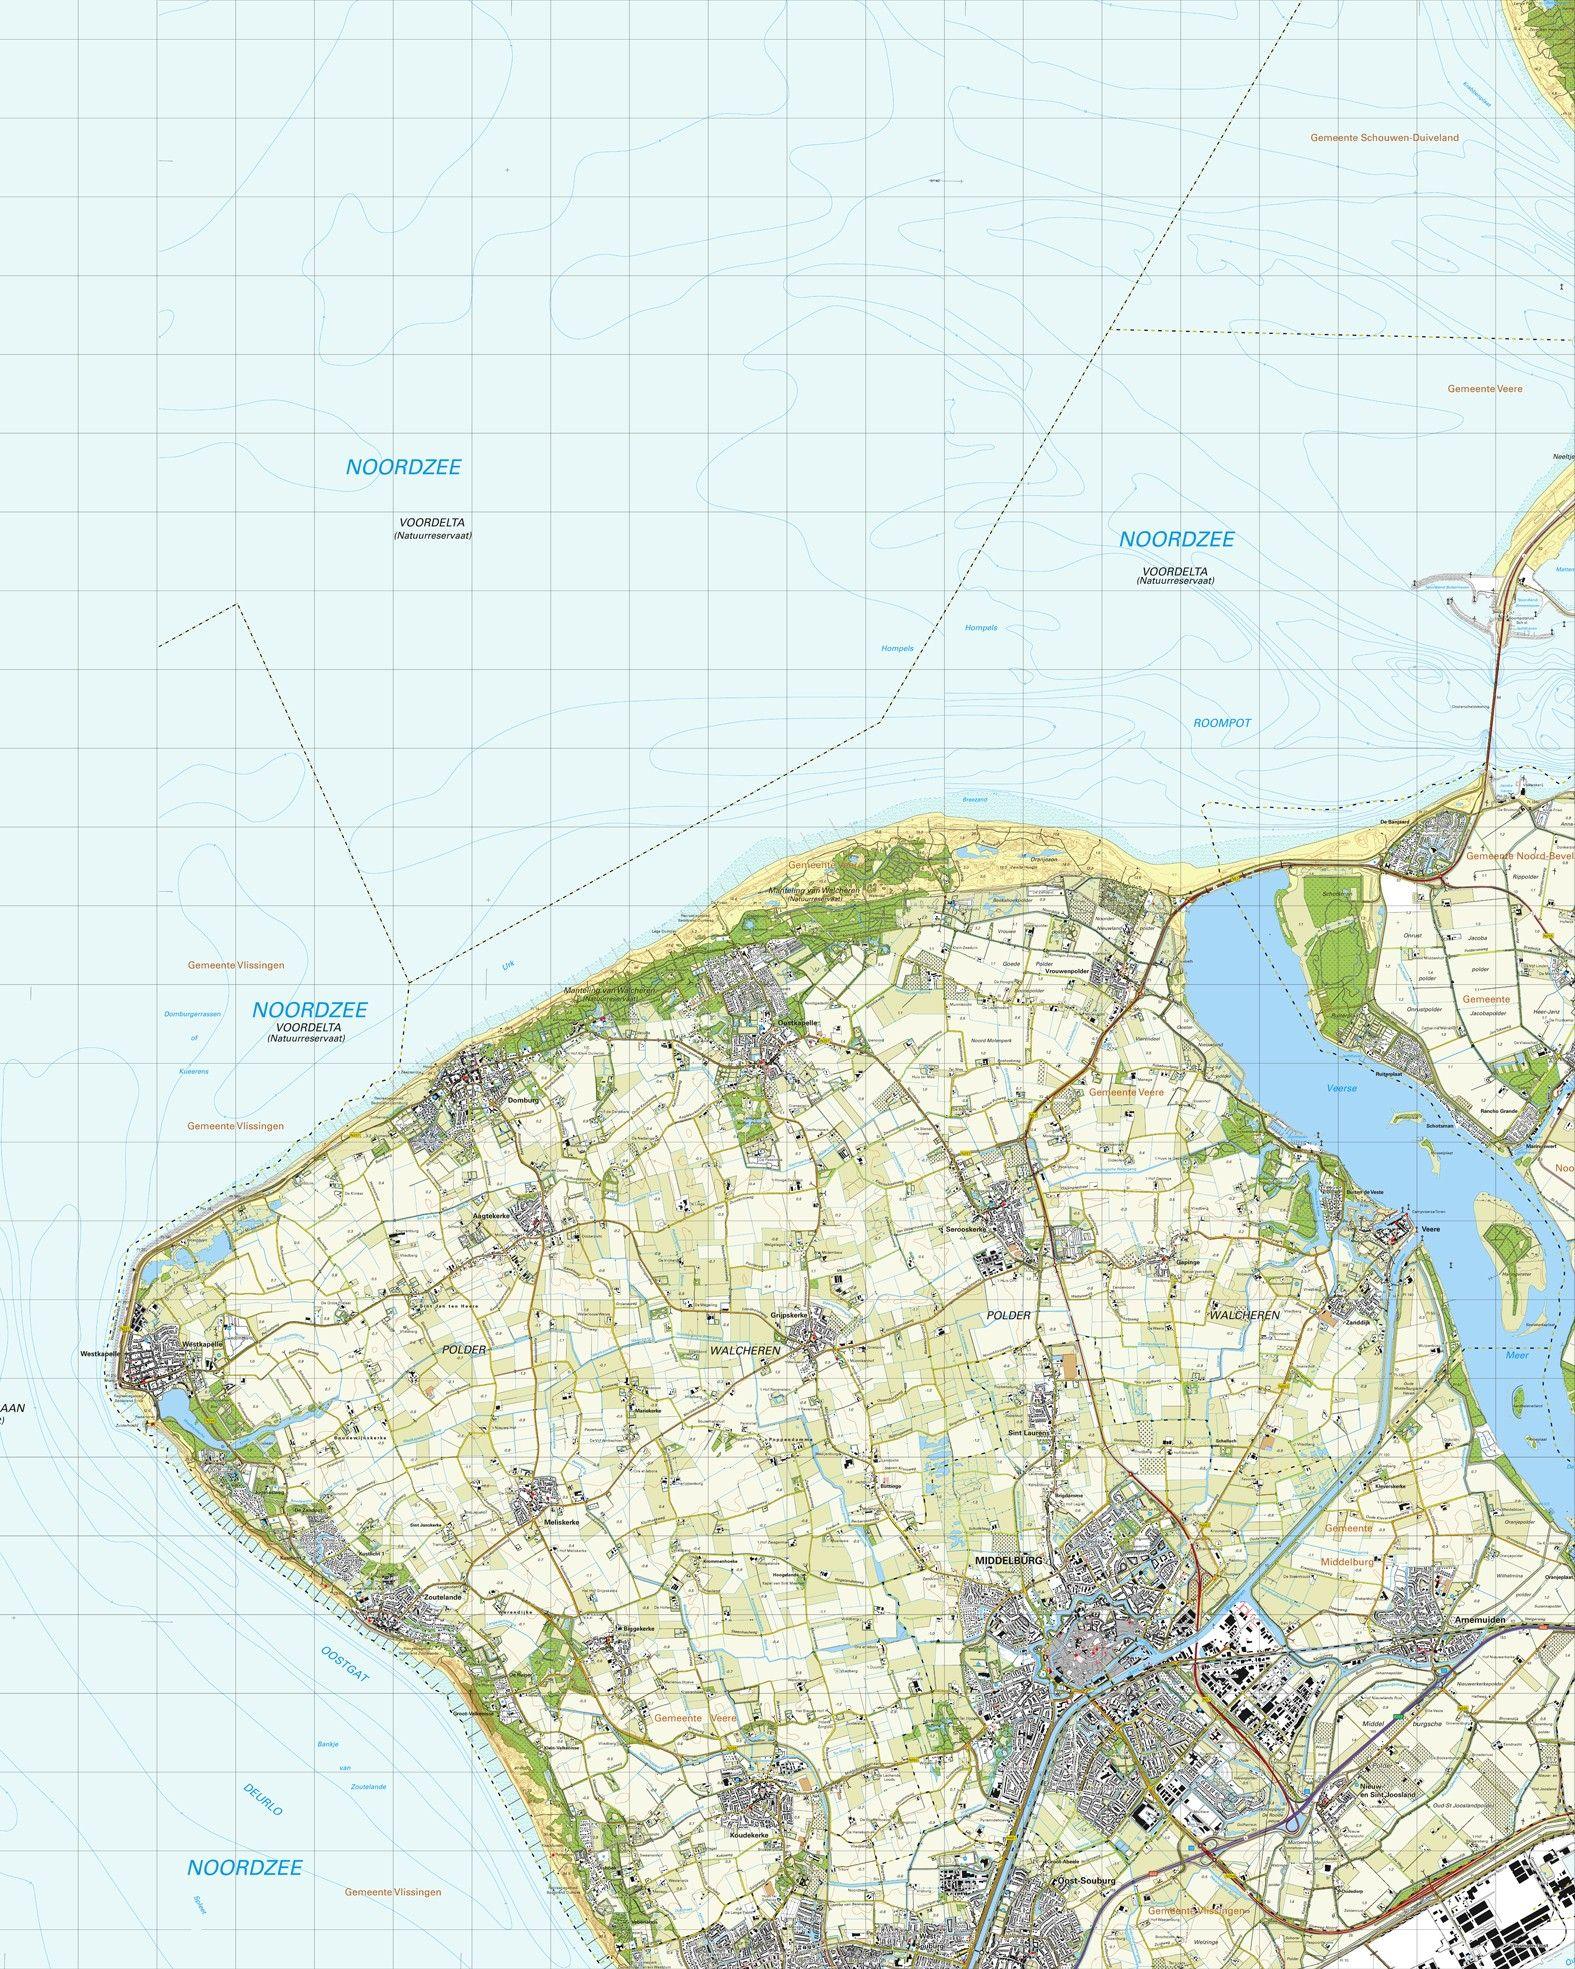 Topografische kaart schaal 1:25.000 (Westkapelle, Oostkapelle, Domburg, Middelburg, Arnemuiden)